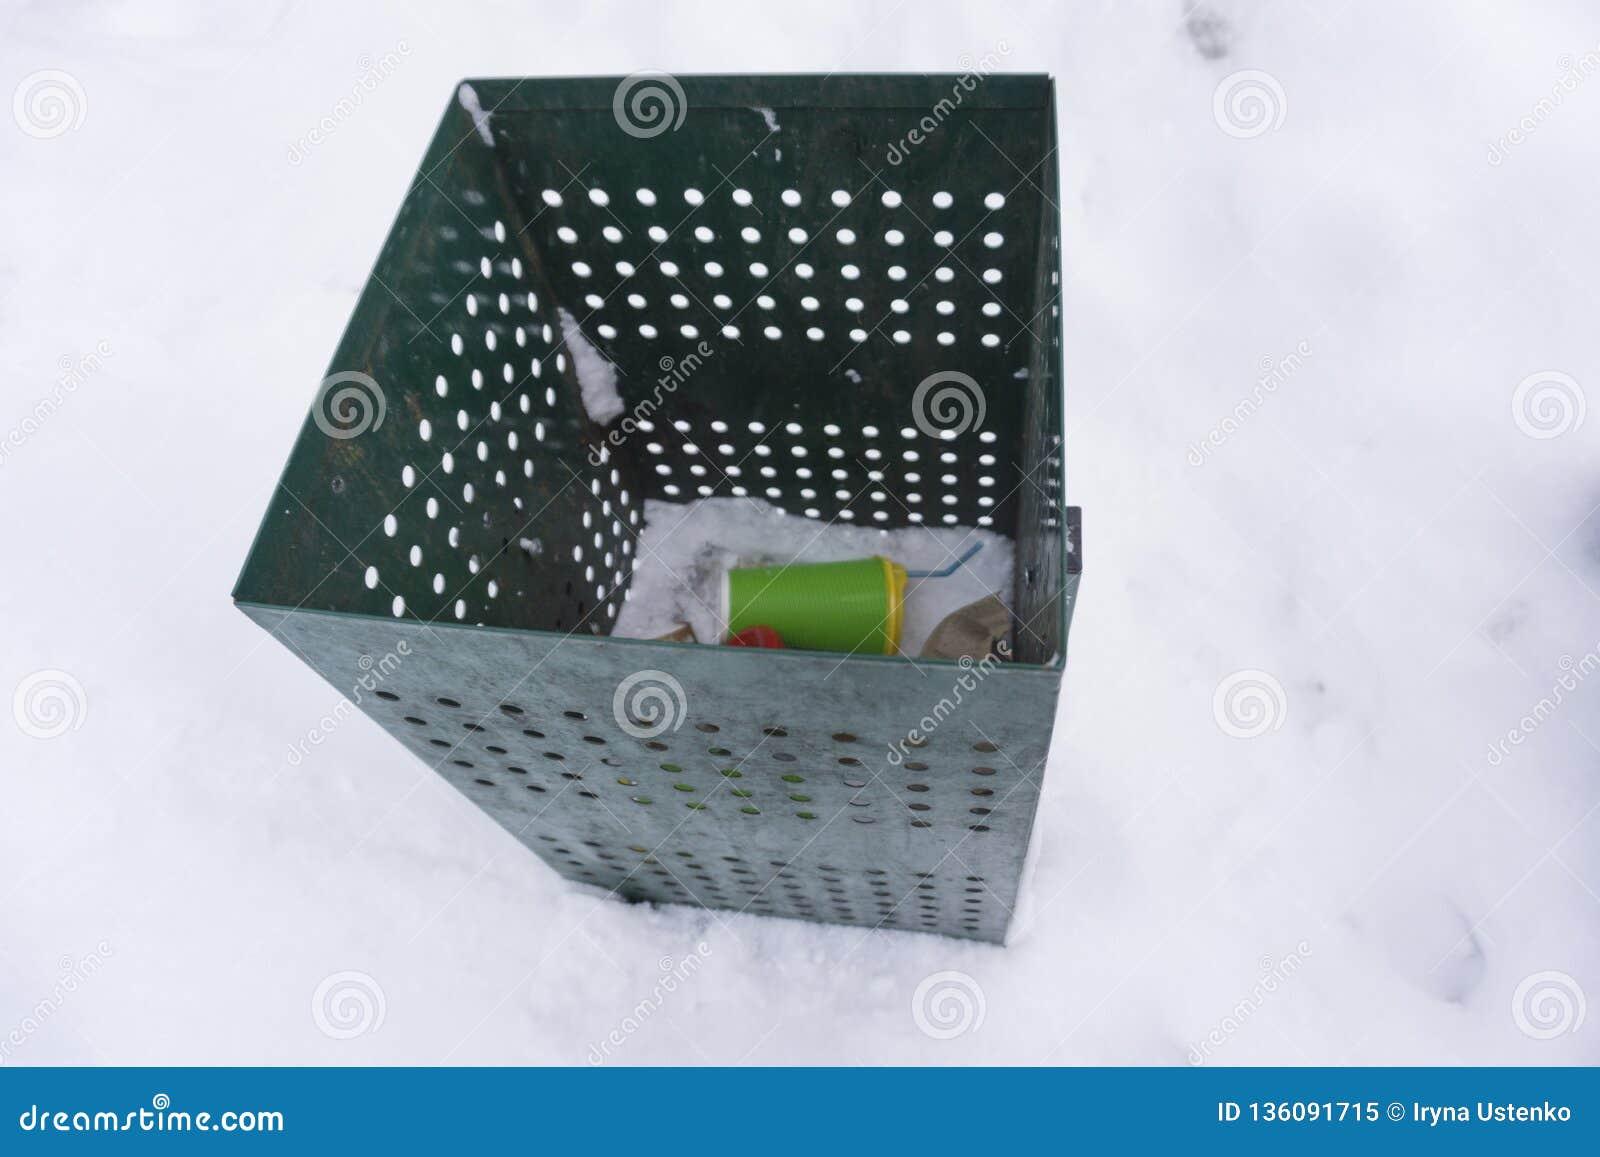 绿色垃圾箱与咖啡杯